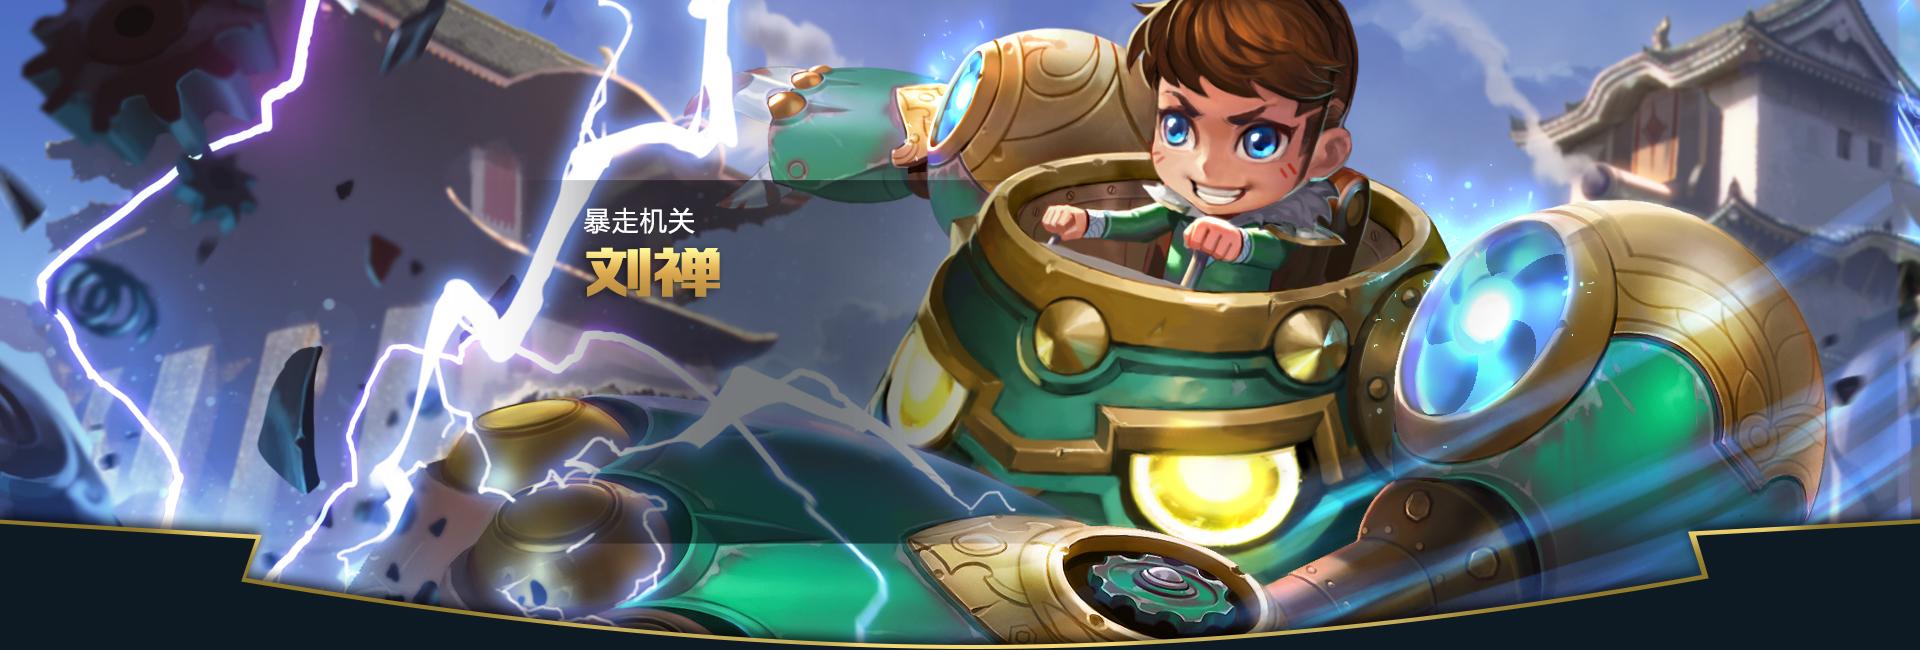 第2弹《王者荣耀英雄皮肤CG》竞技游戏85